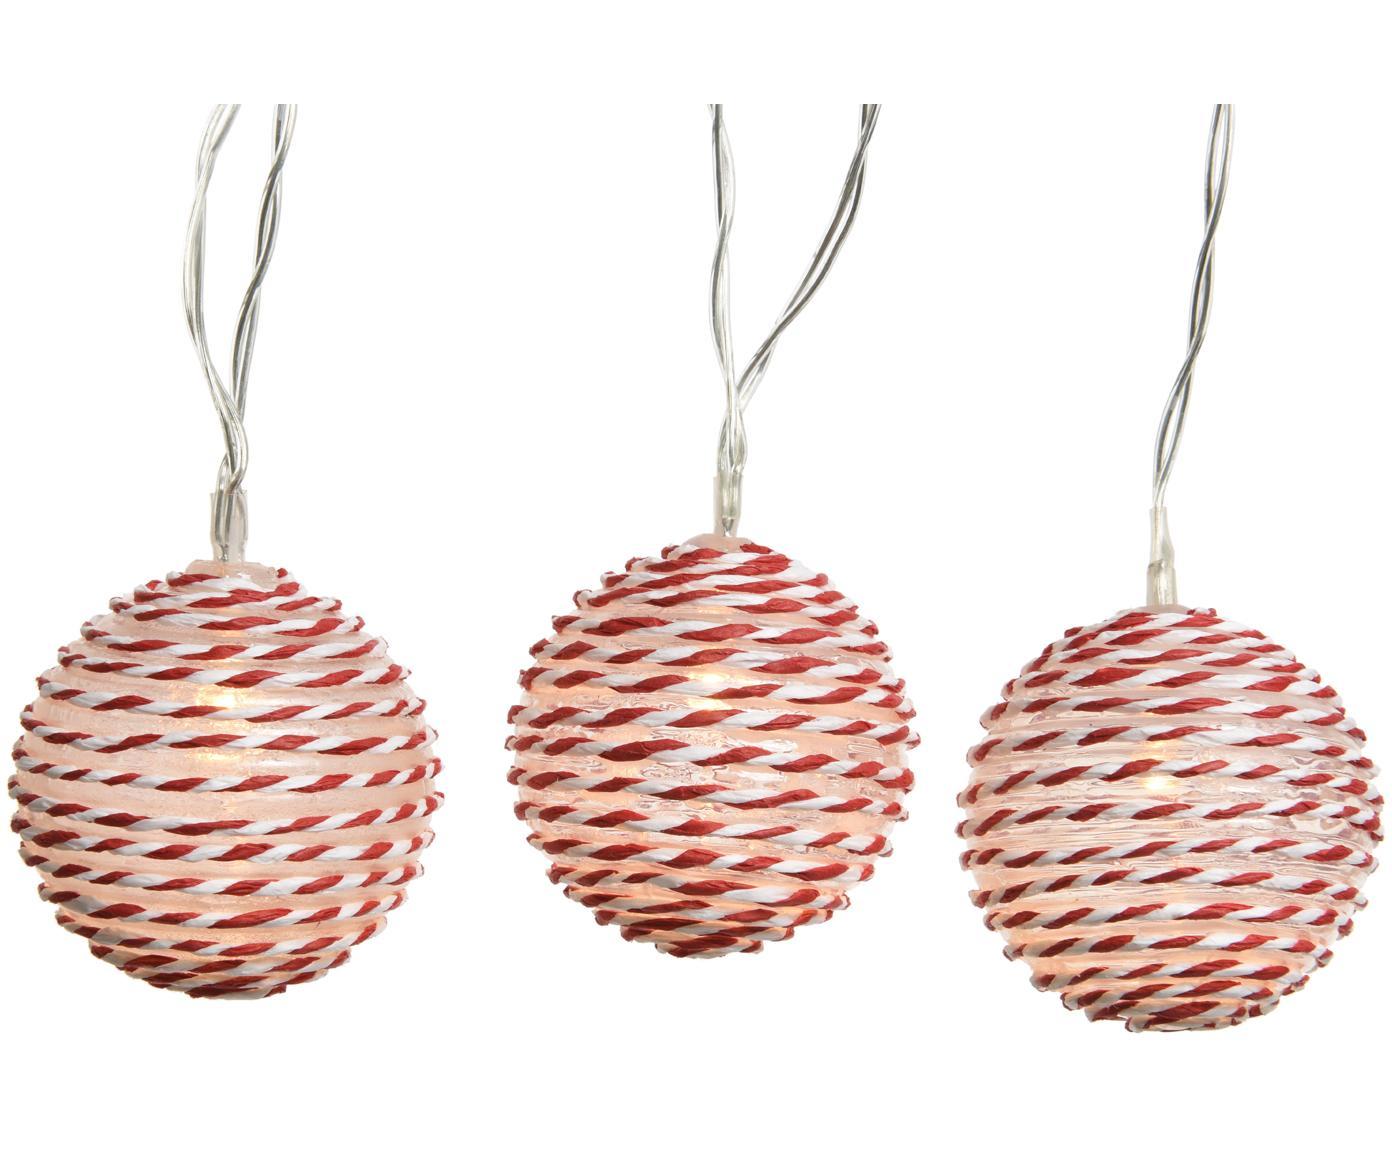 LED-Lichterkette Batt, Kunststoff, Weiß, Rot, L 180 cm